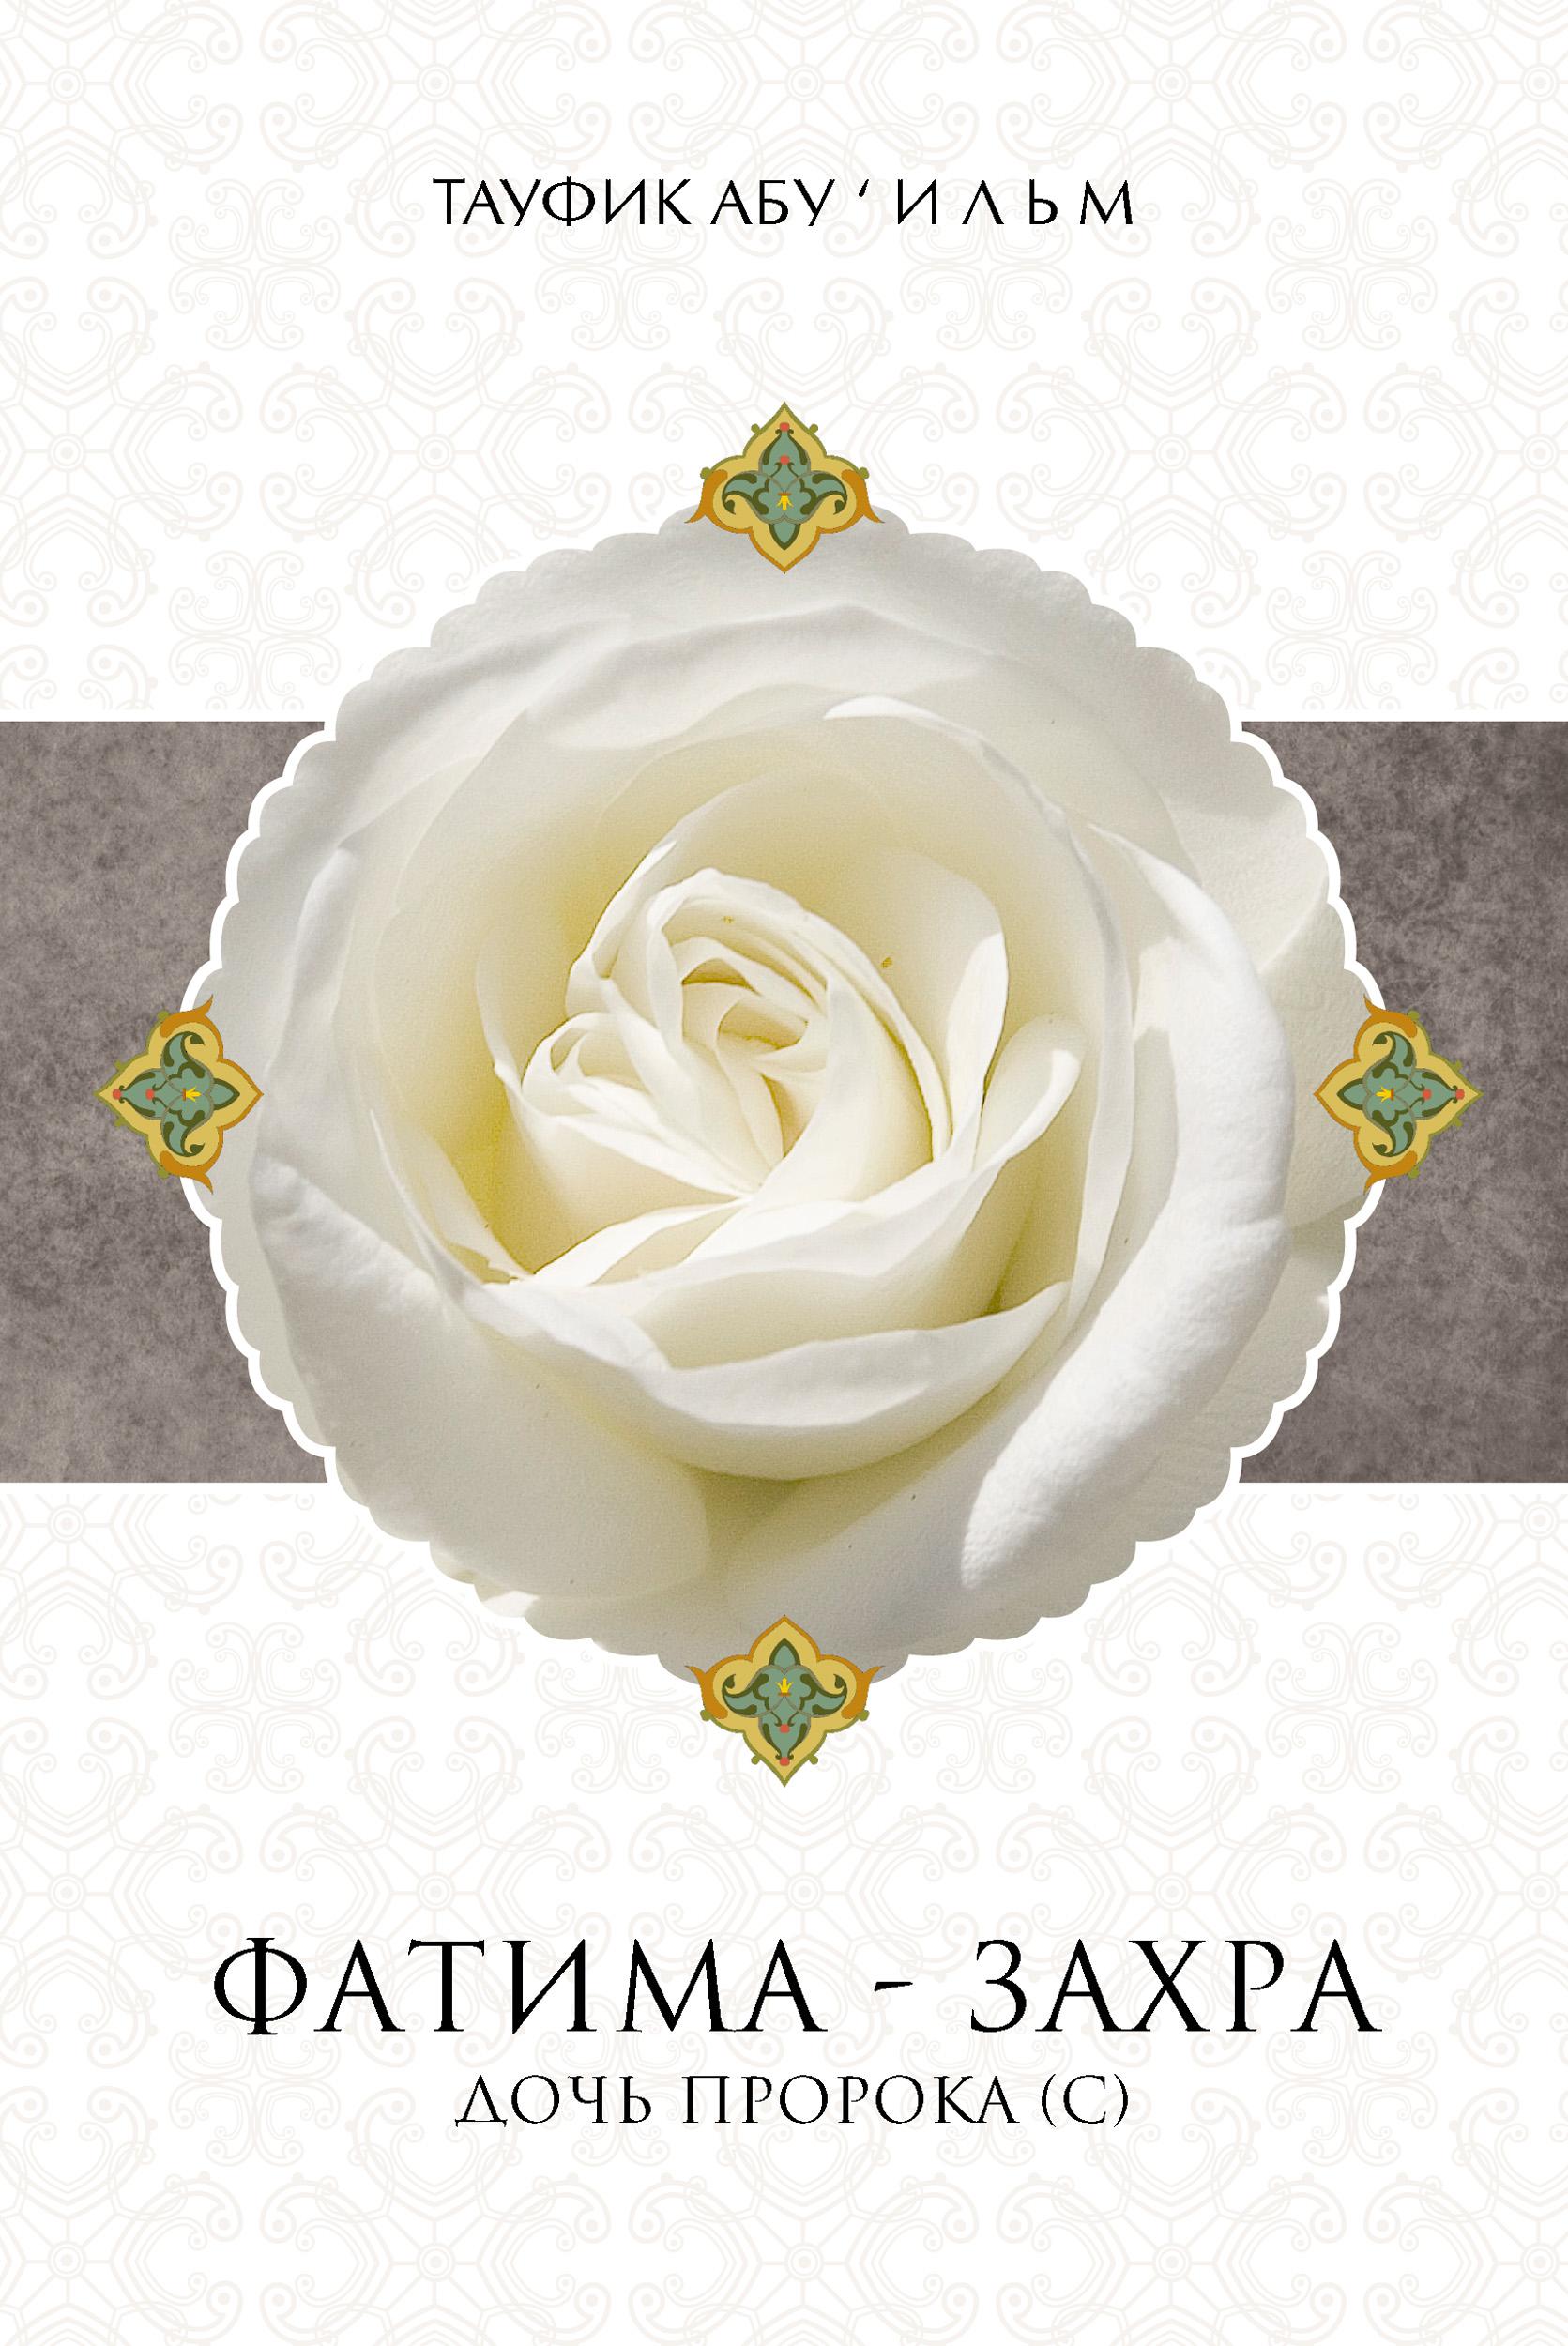 Тауфик Абу 'Ильм Фатима-Захра хусейн с личность фатимы захры